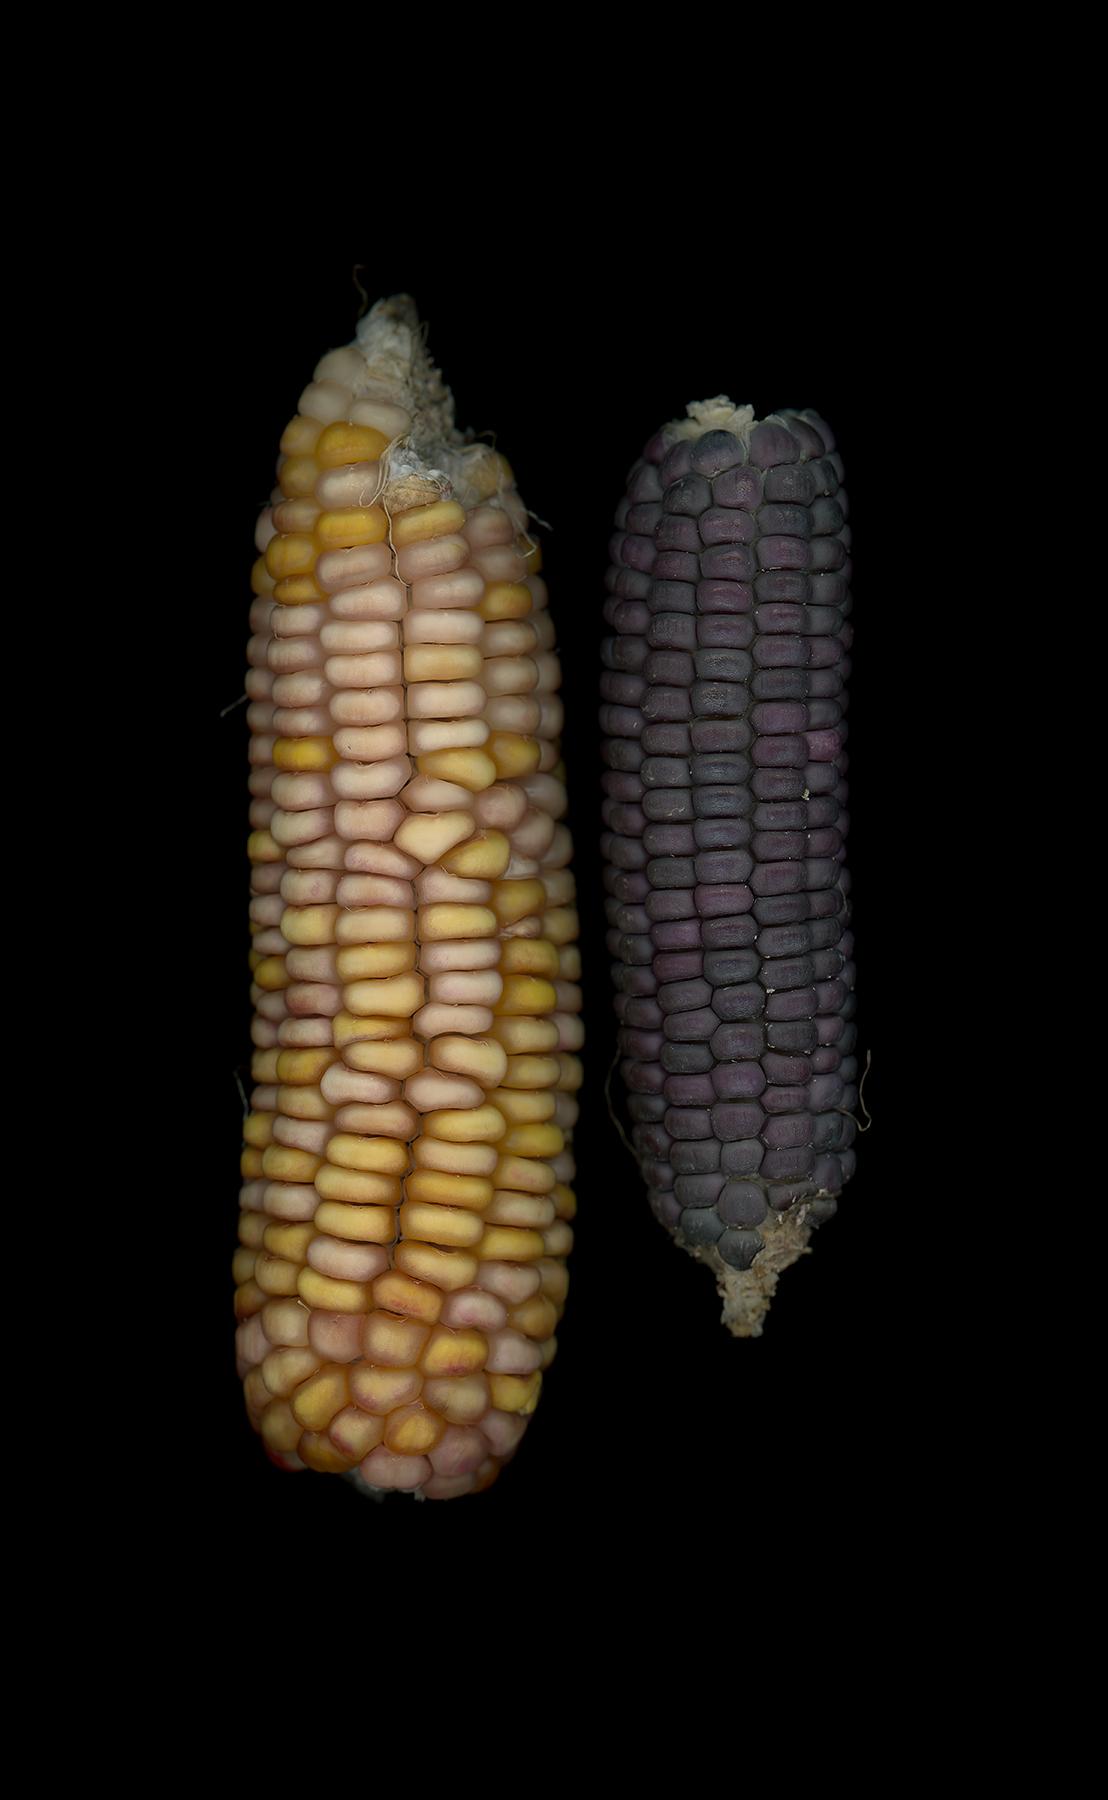 03_Ozone_72_Corn.jpg